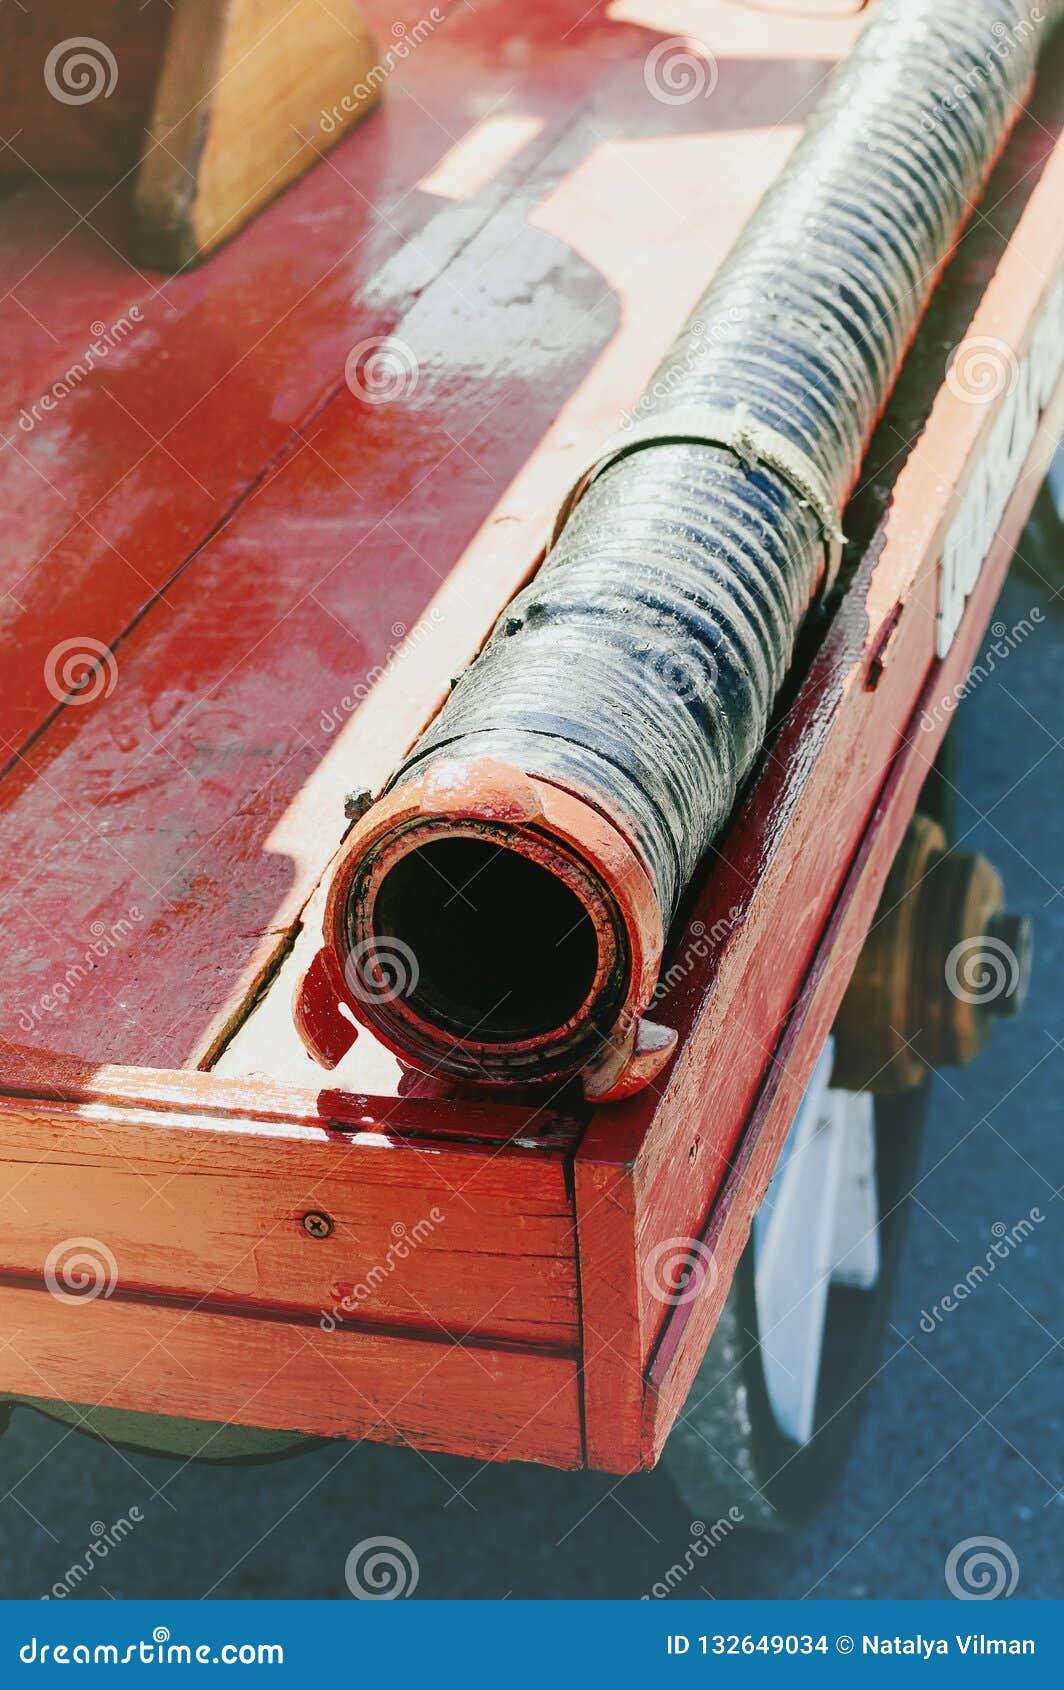 Feuerlöschschlauch auf dem hölzernen Brett eines alten roten Löschfahrzeugs Nahaufnahme